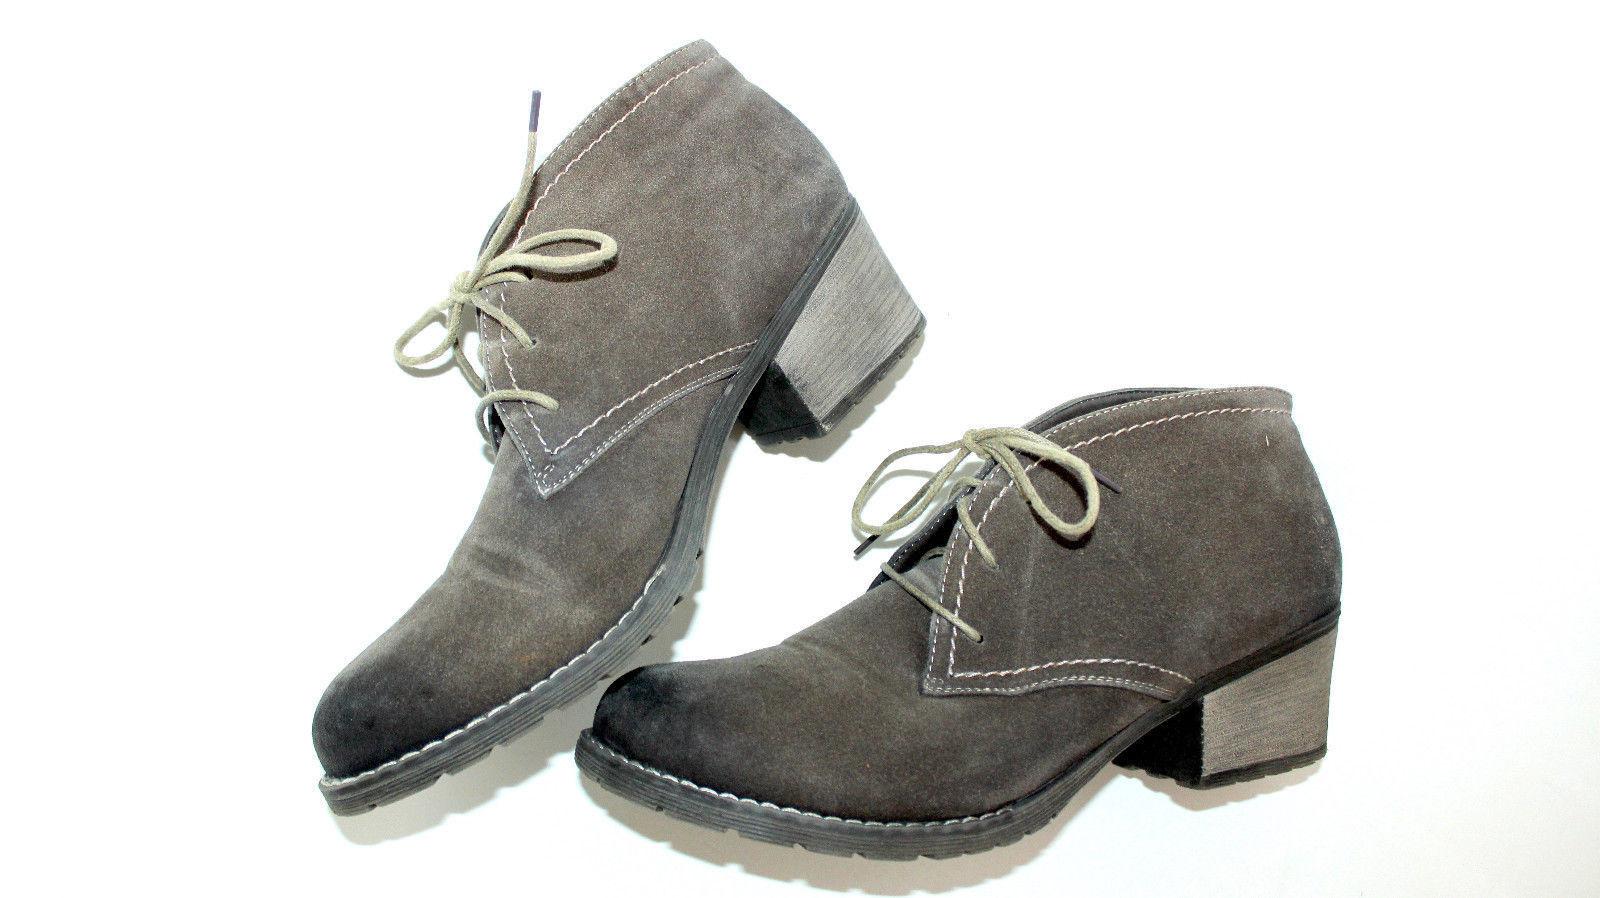 RIEKER Schnür Boots Damen Woll Futter Stiefeletten